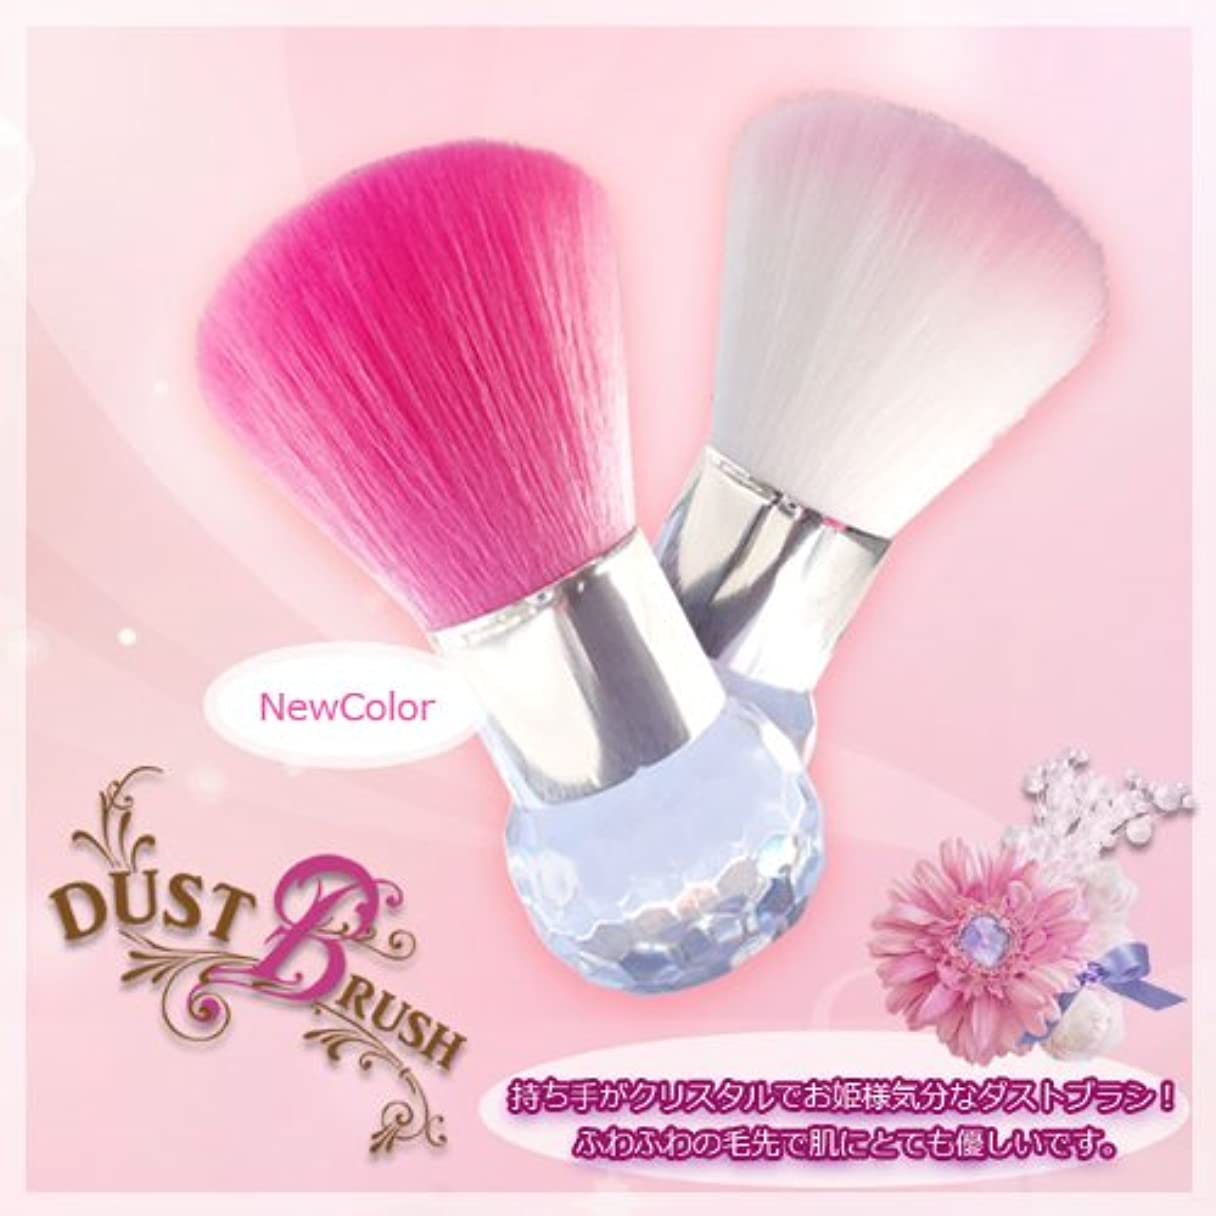 ヤギ小道ヤギ【ジェルネイル】ネイルダストブラシ〈 微粒子ナイロン製 〉2カラー (ホワイトピンク)